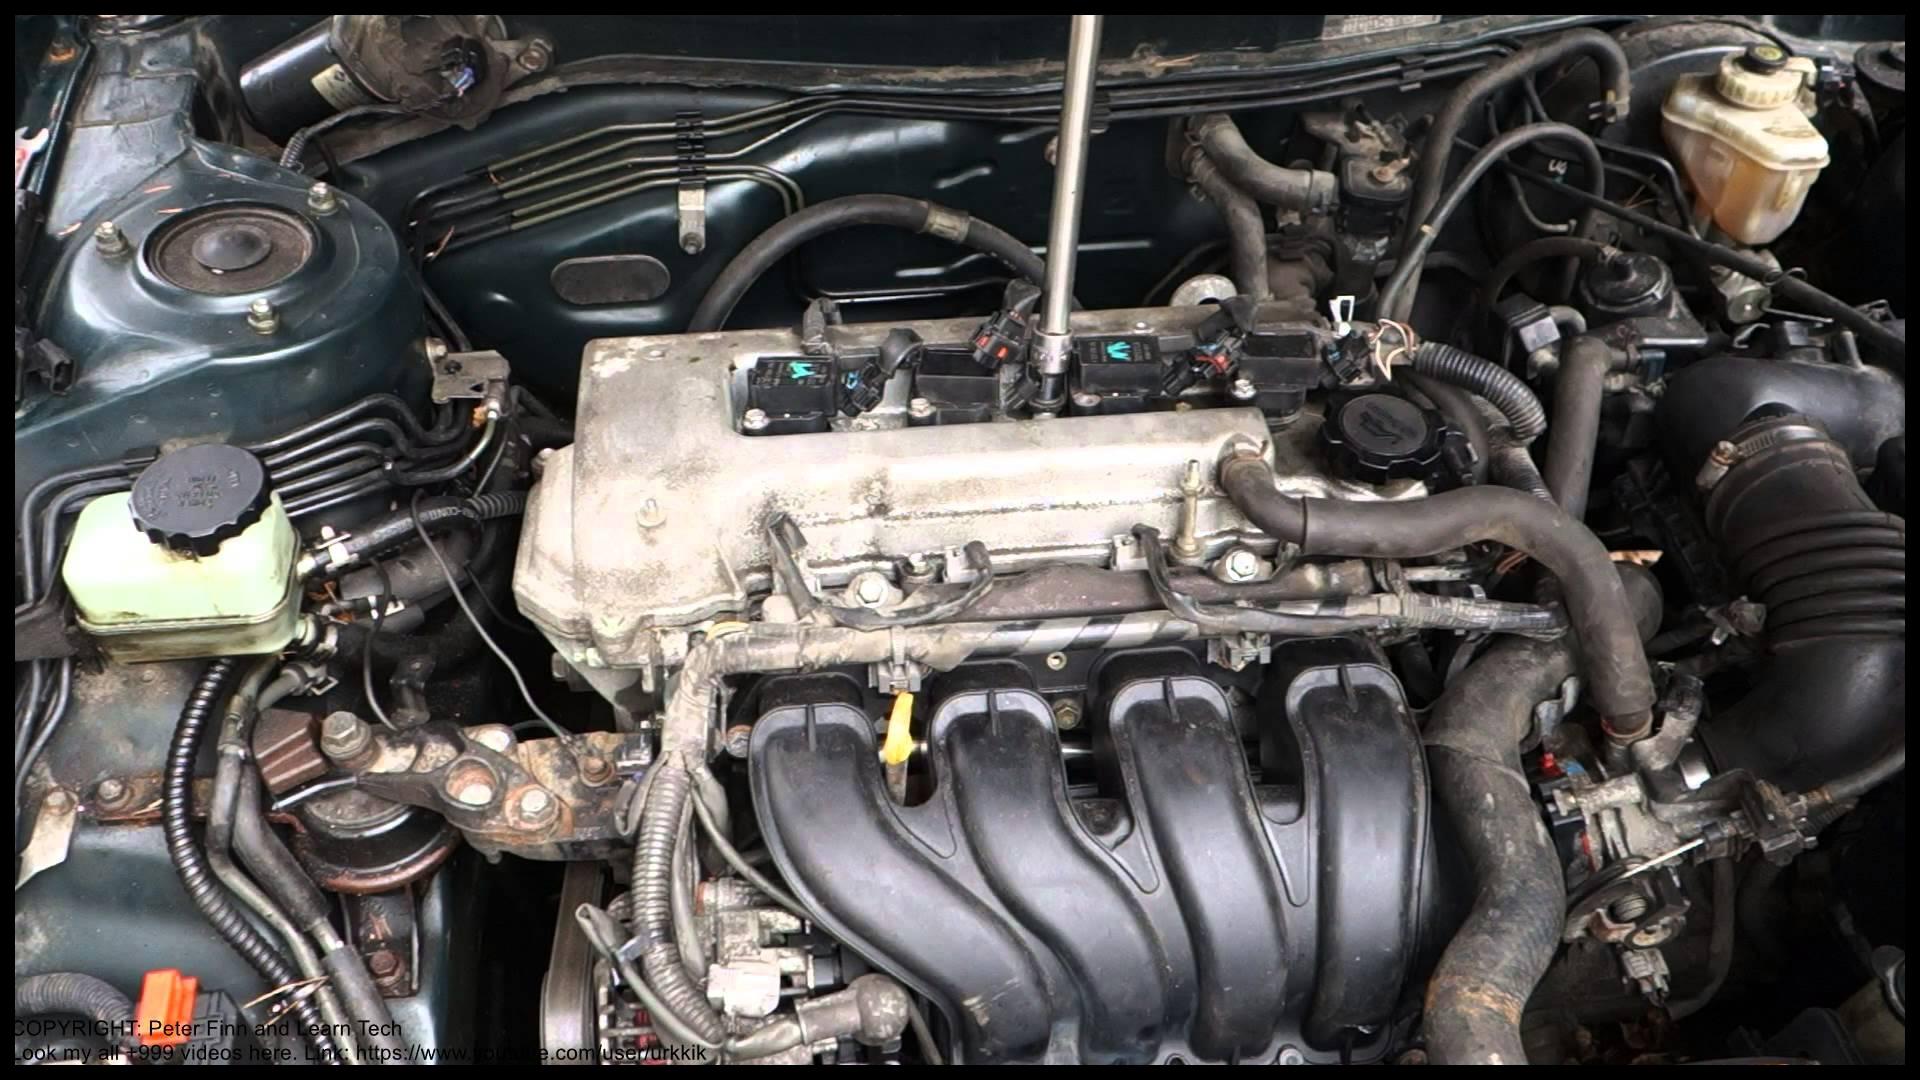 How to repair engine error failure code P0303 Toyota Corolla Years 2000 to 2015